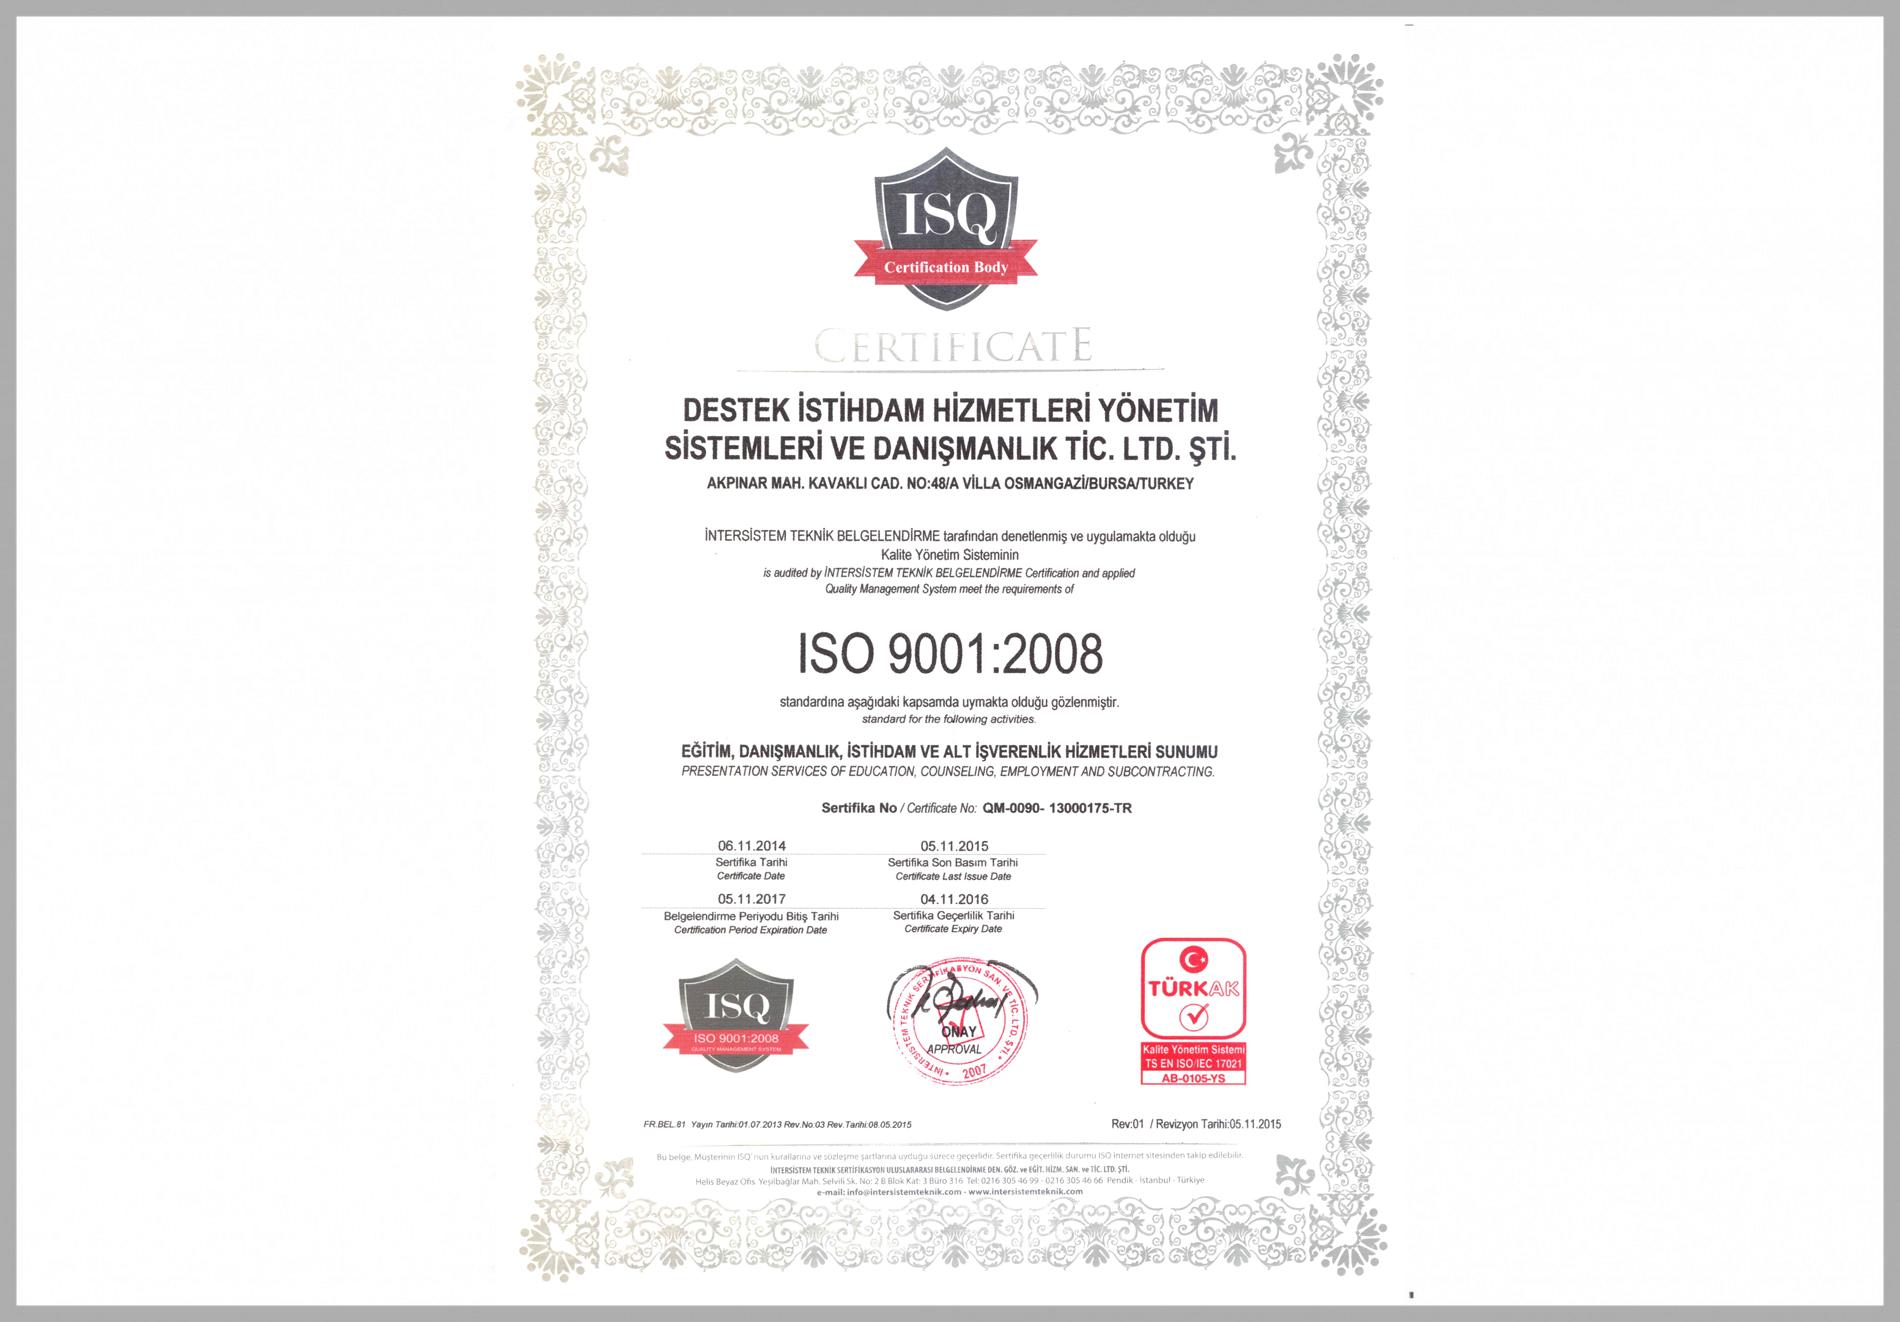 ISO 9001:2008 Kalite Yönetim Standardı Belgesi